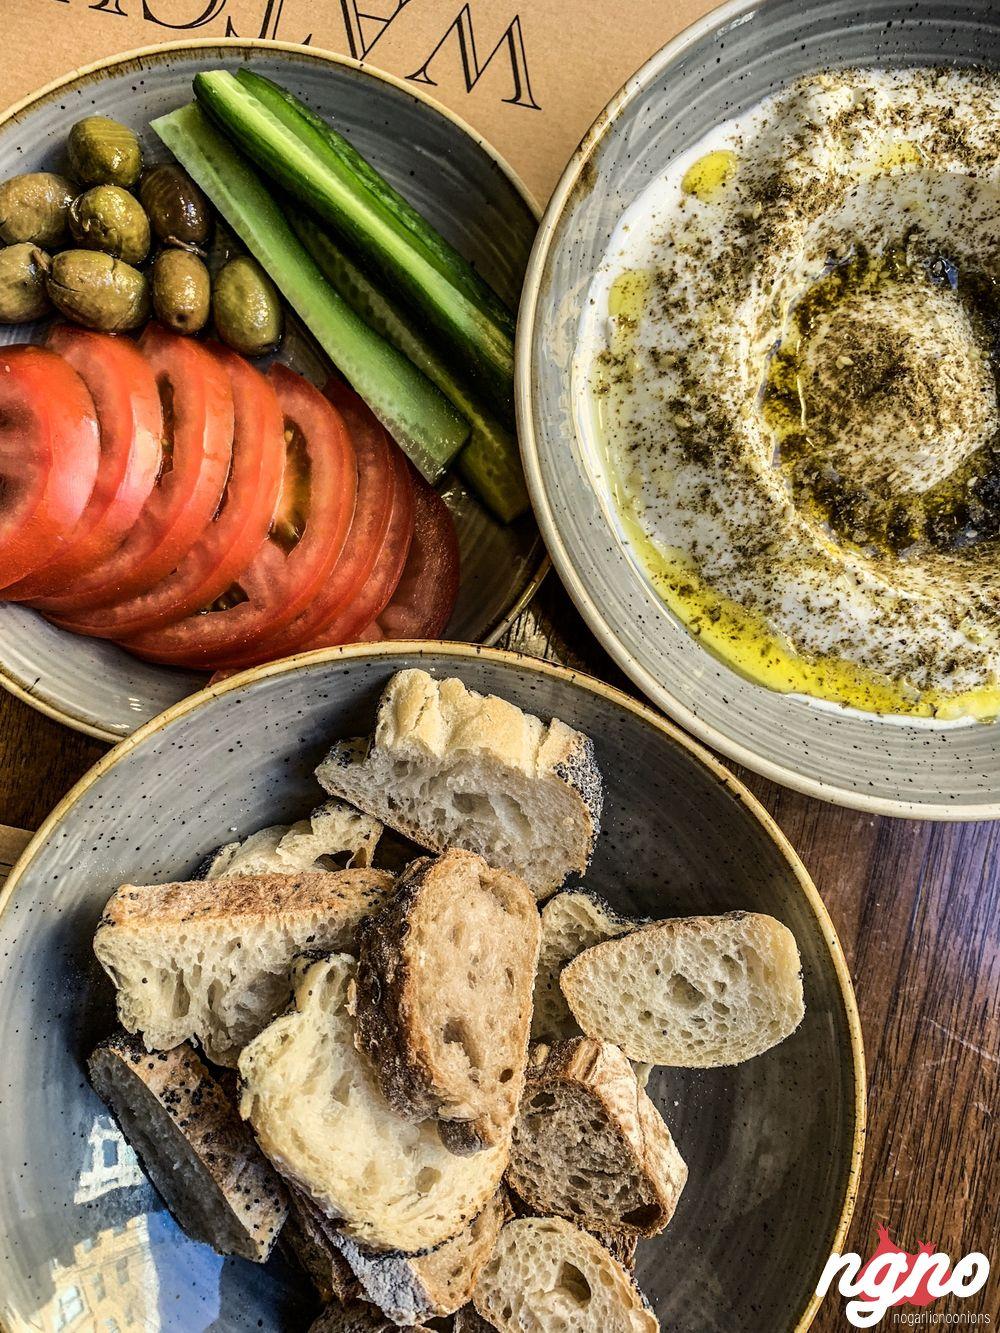 delico-beirut-breakfast-nogarlicnoonions-452018-10-22-05-52-26